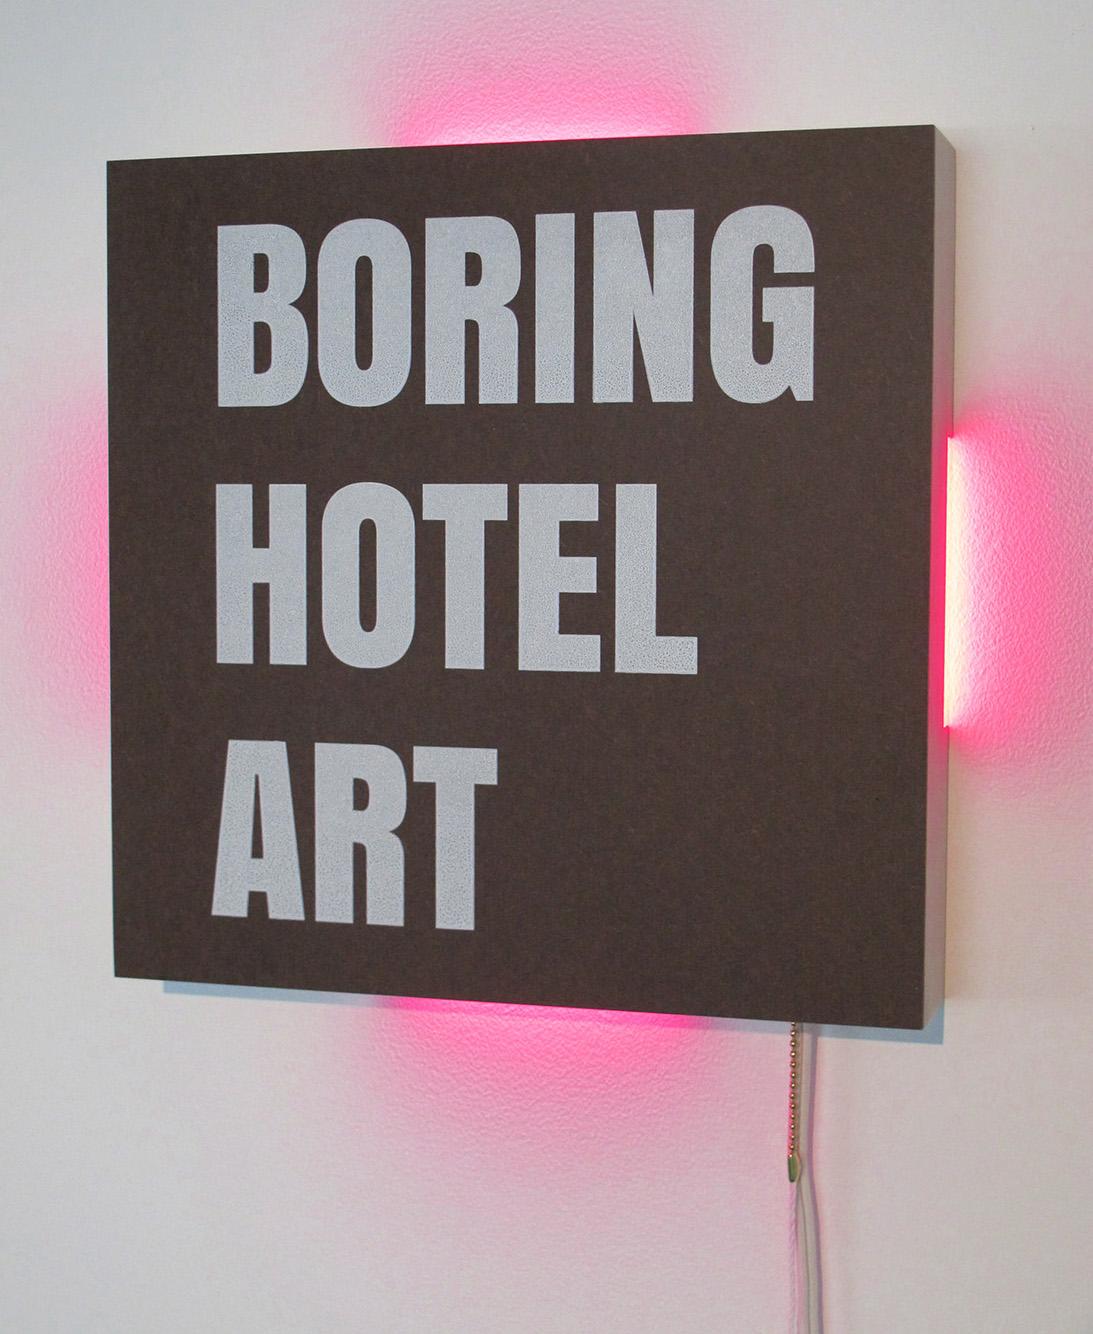 Boring Hotel Art